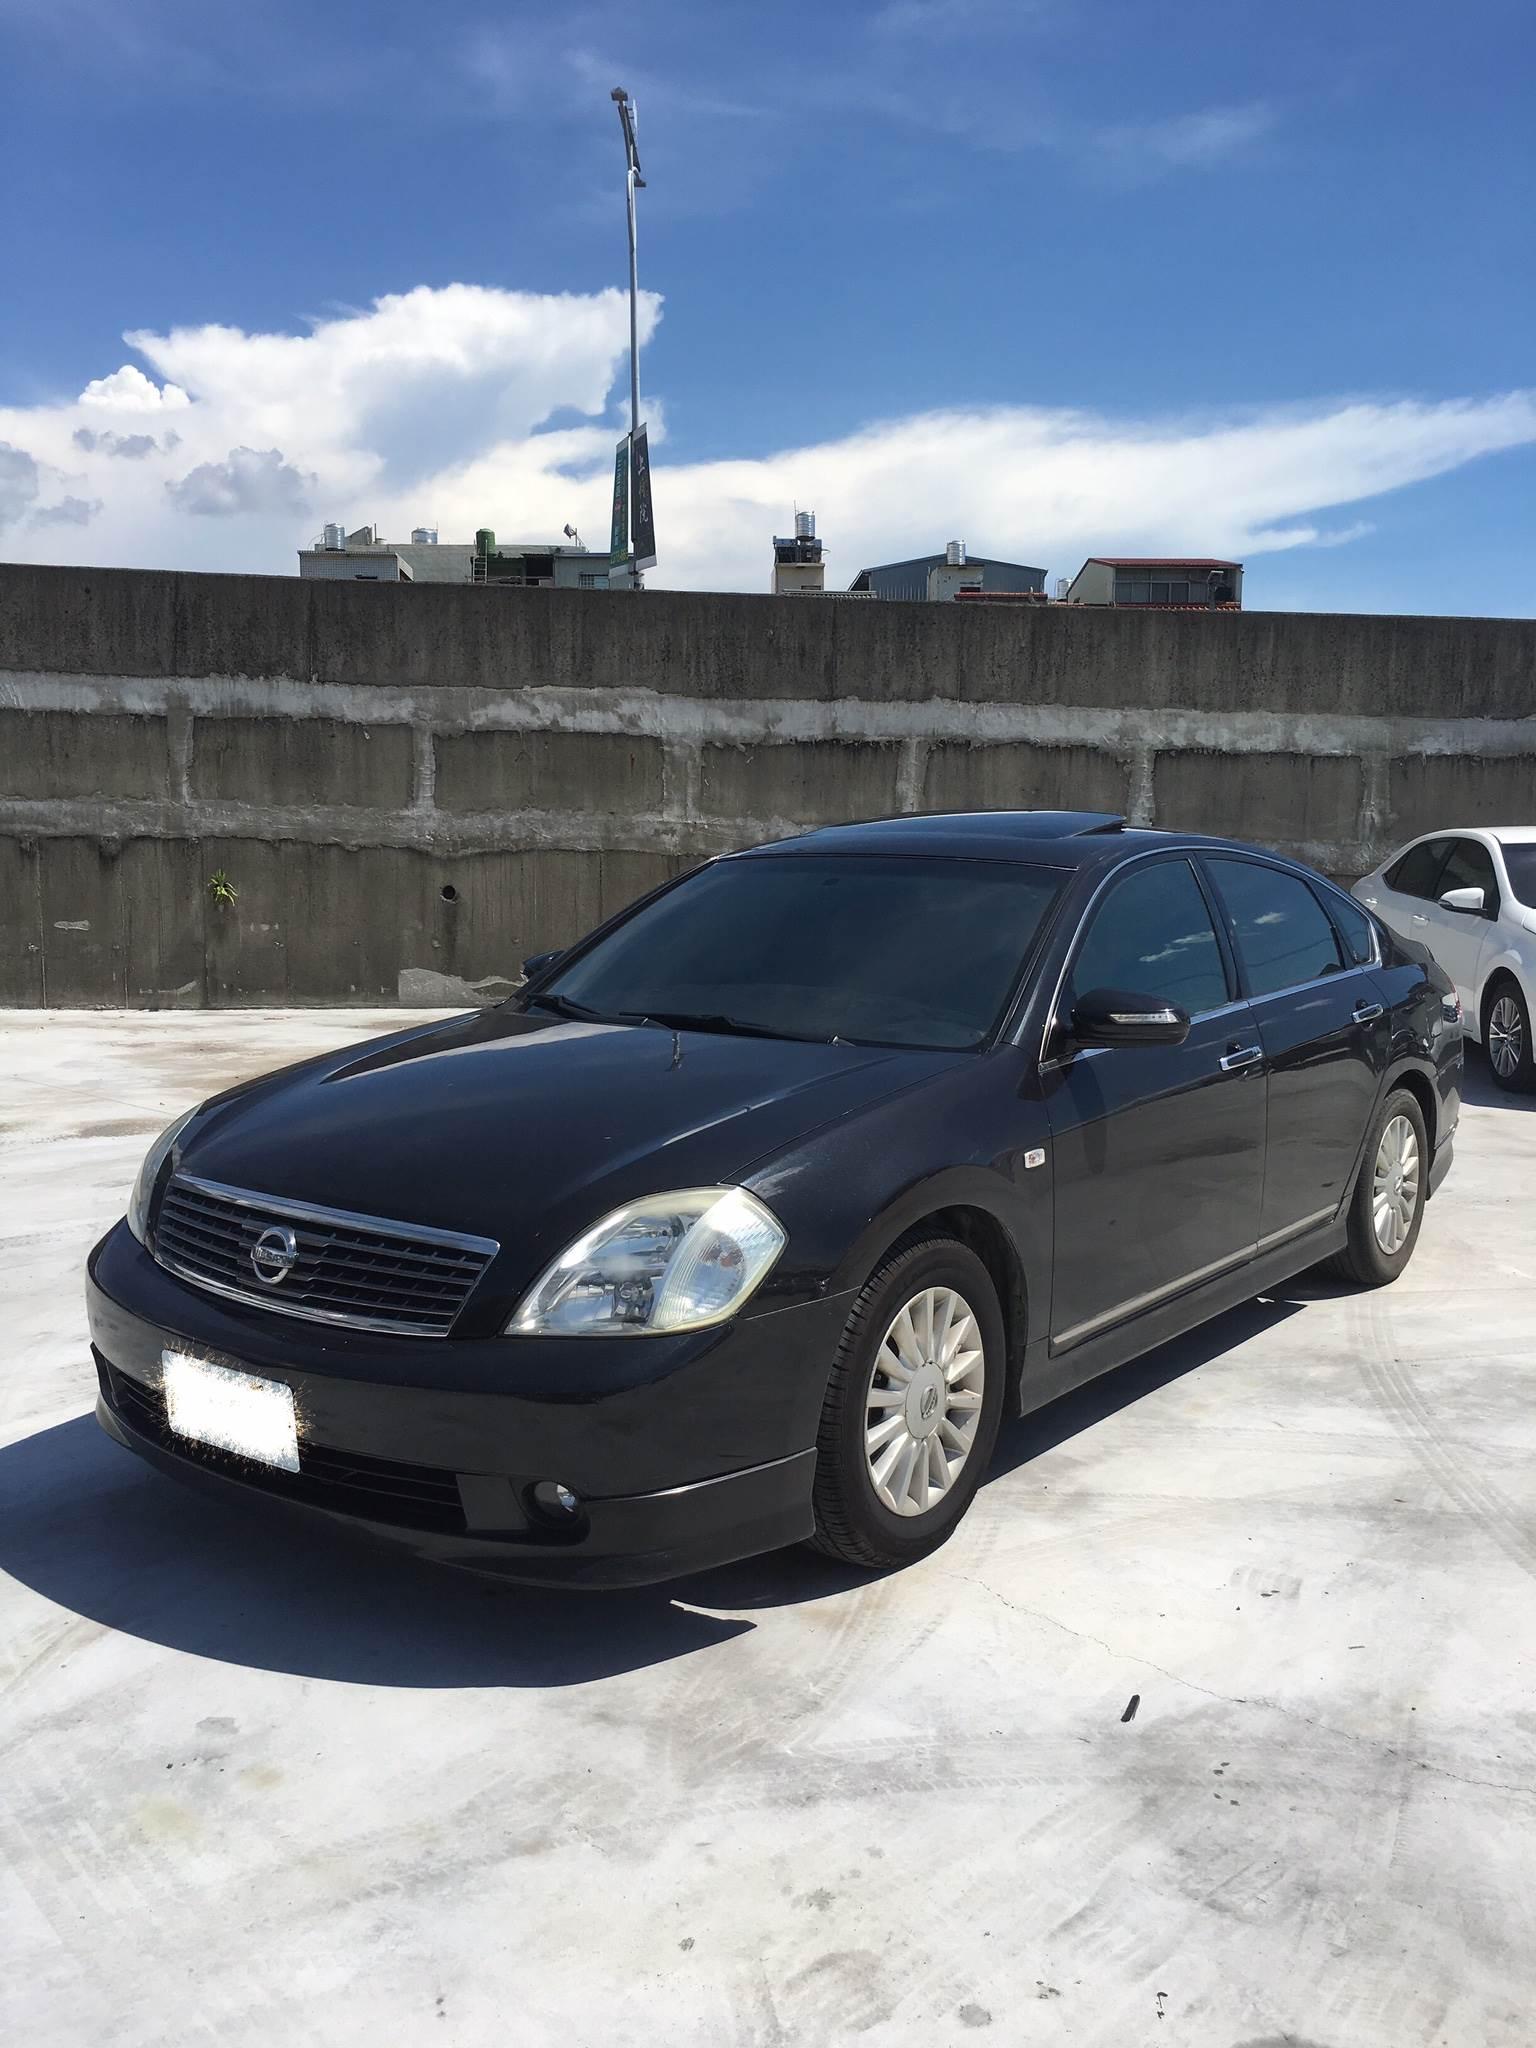 2006 Nissan Teana